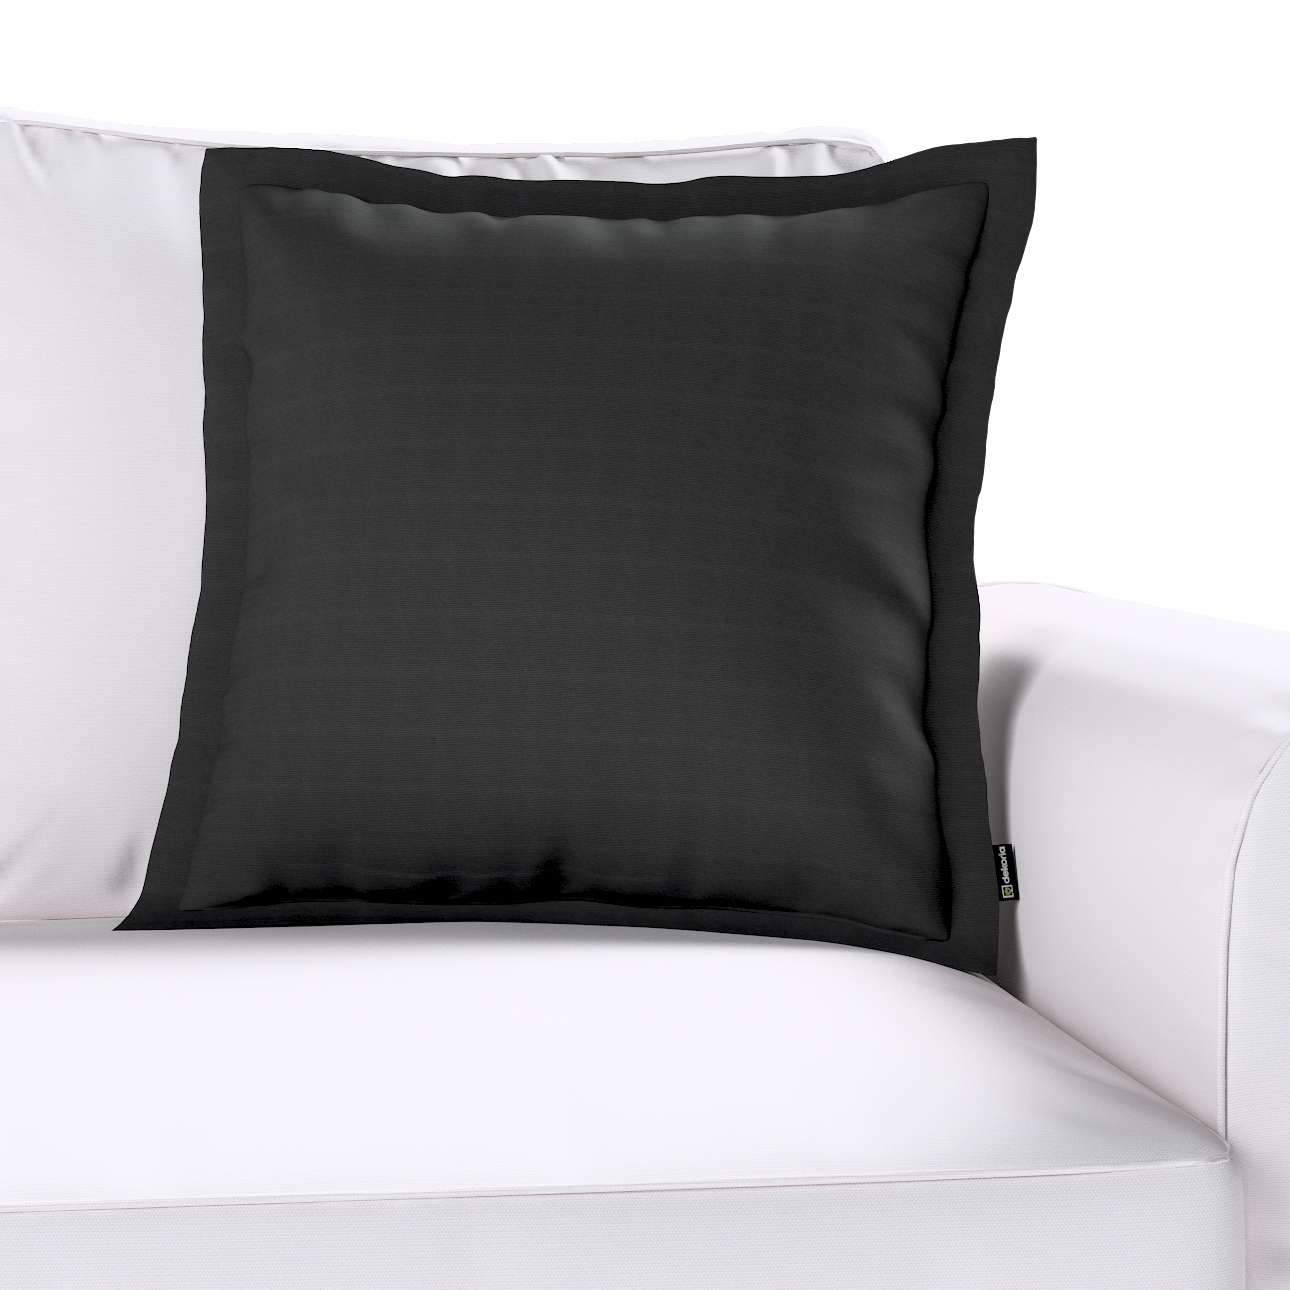 Mona dekoratyvinių pagalvėlių užvalkalas su sienele 45 x 45cm kolekcijoje Jupiter, audinys: 127-99